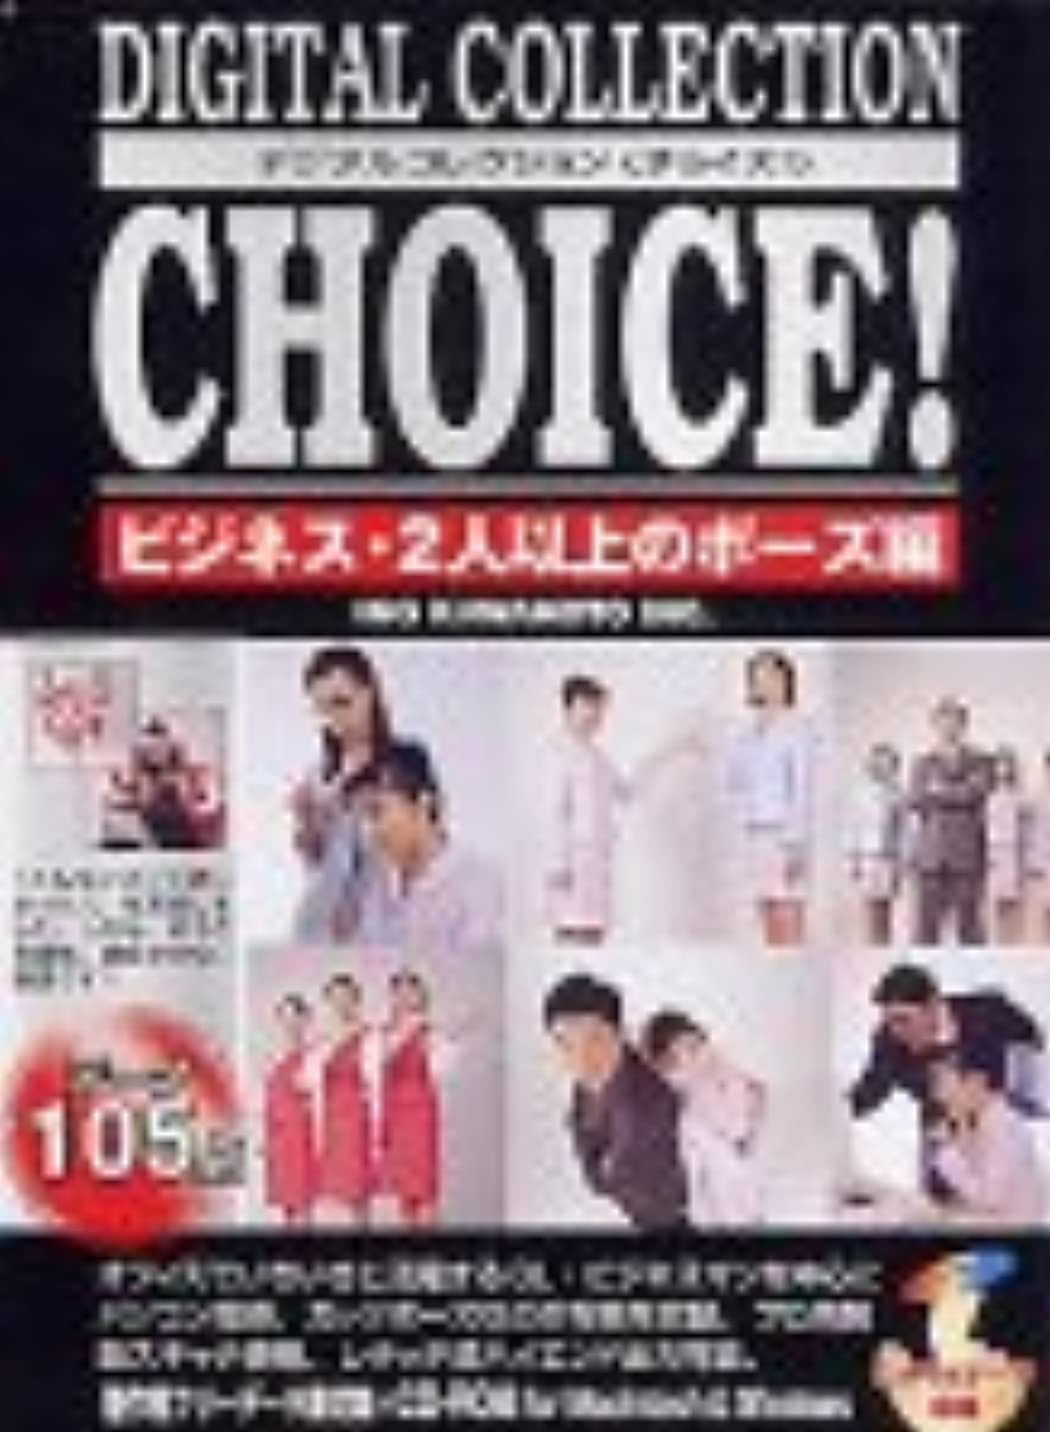 前進甘くするシャンパンDigital Collection Choice! No.19 ビジネス?2人以上のポーズ編